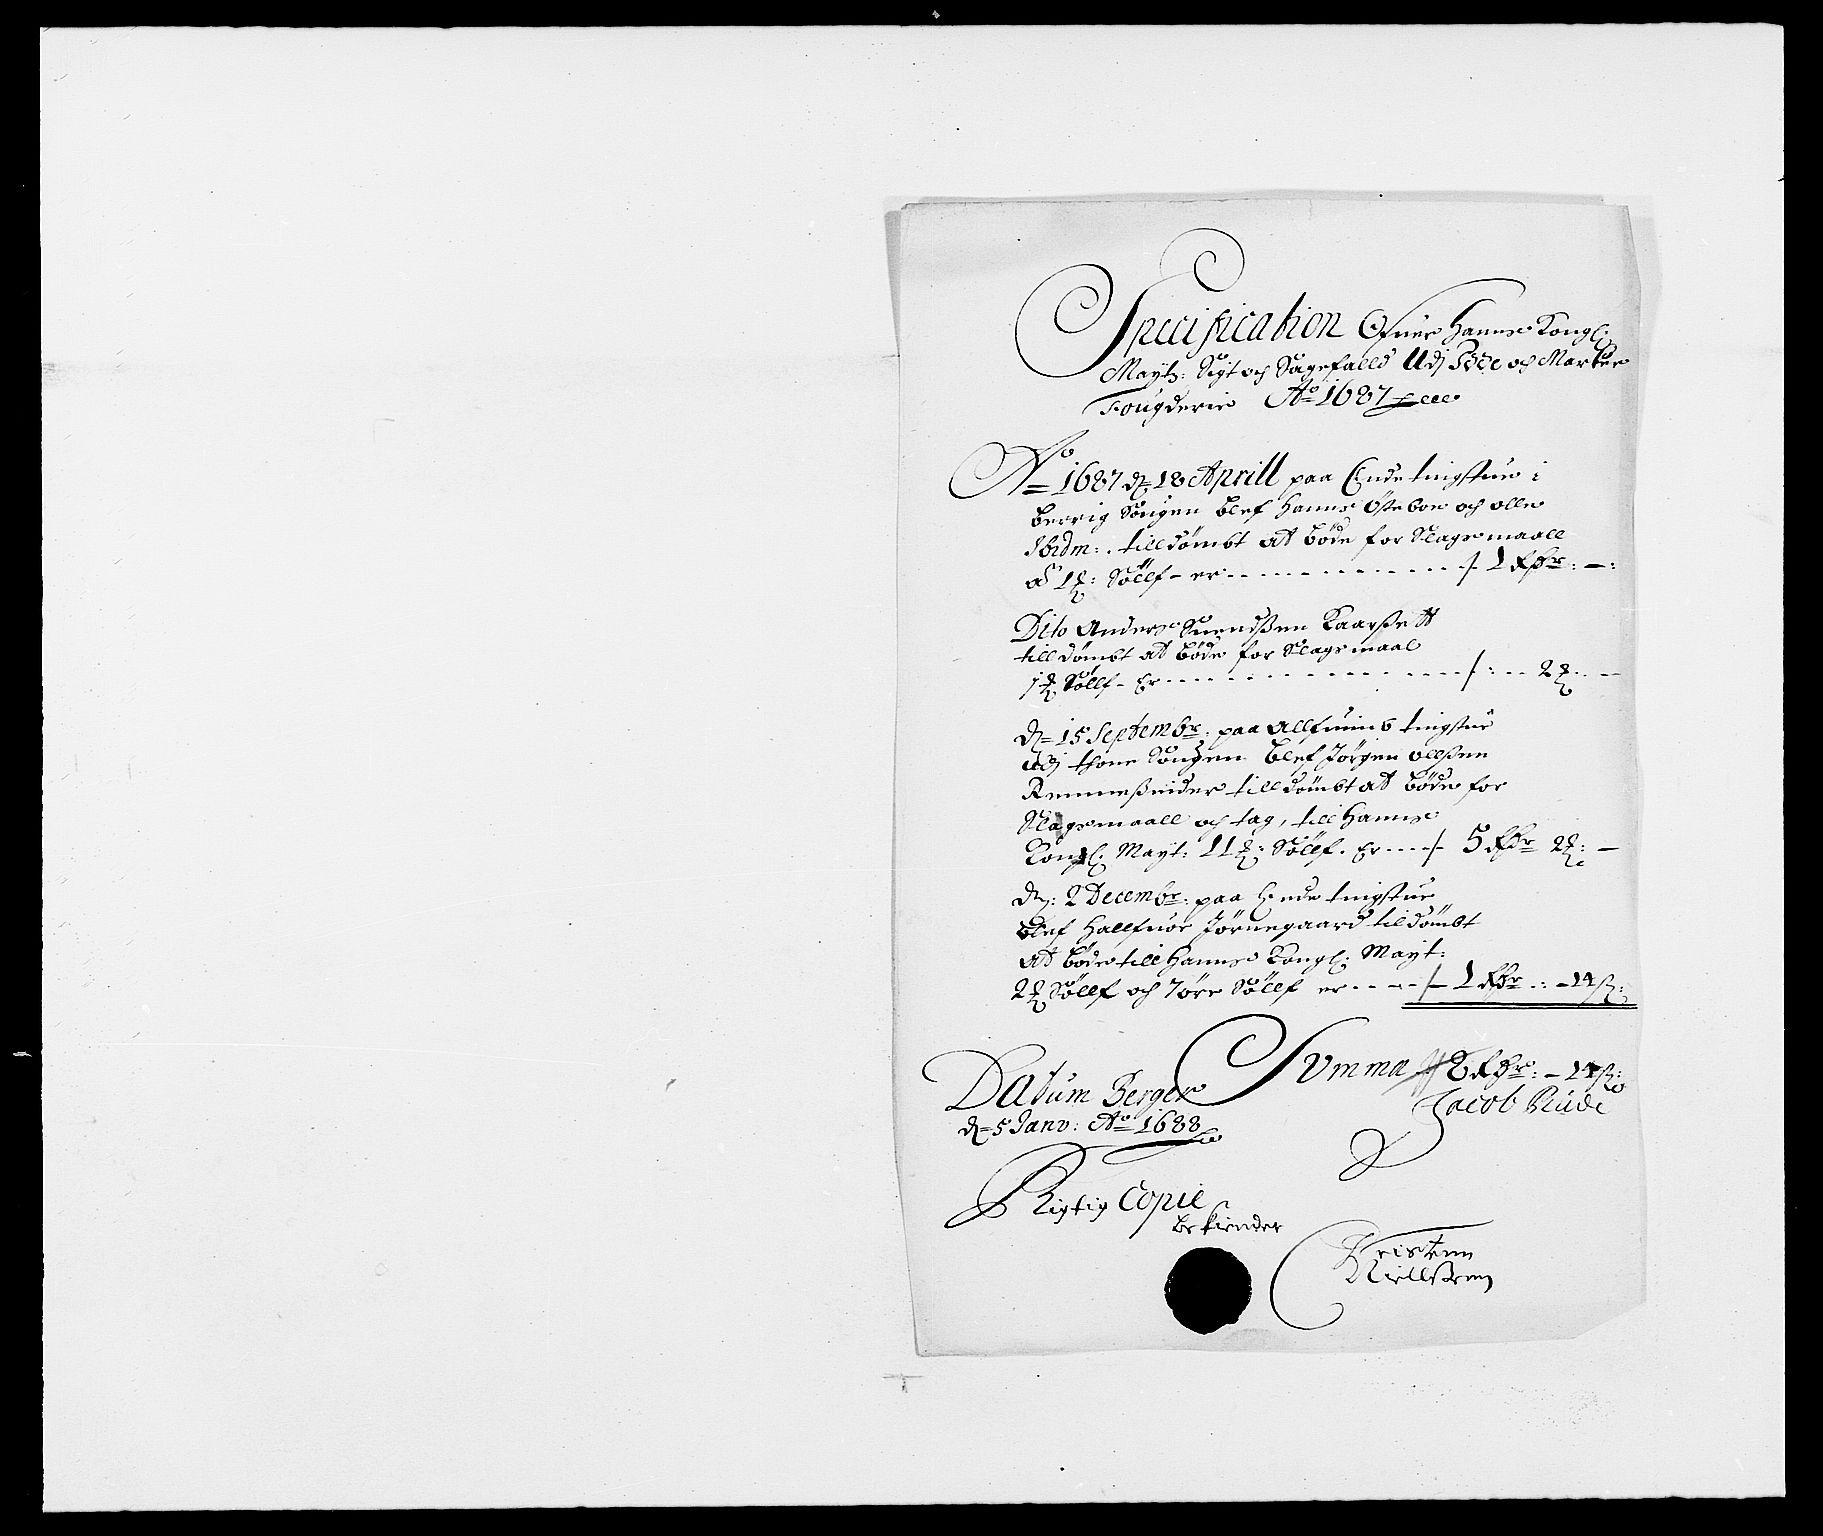 RA, Rentekammeret inntil 1814, Reviderte regnskaper, Fogderegnskap, R01/L0007: Fogderegnskap Idd og Marker, 1687-1688, s. 88